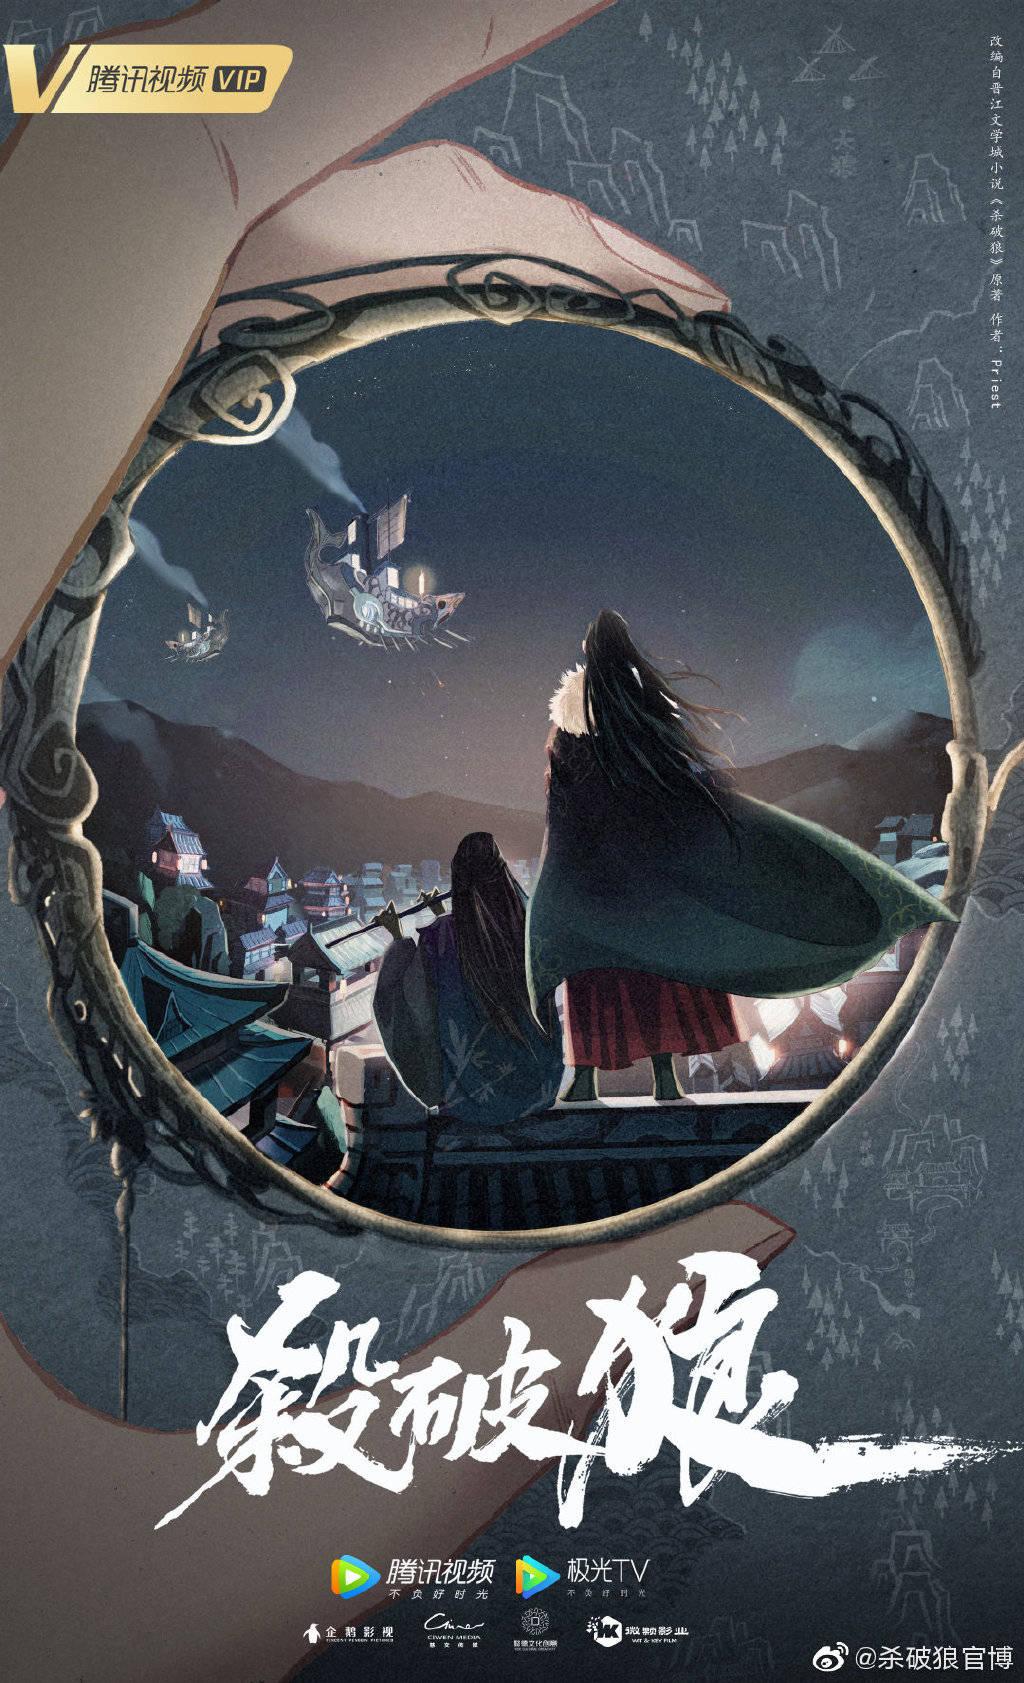 檀健次陈哲远主演古装剧《杀破狼》,改编自同名小说